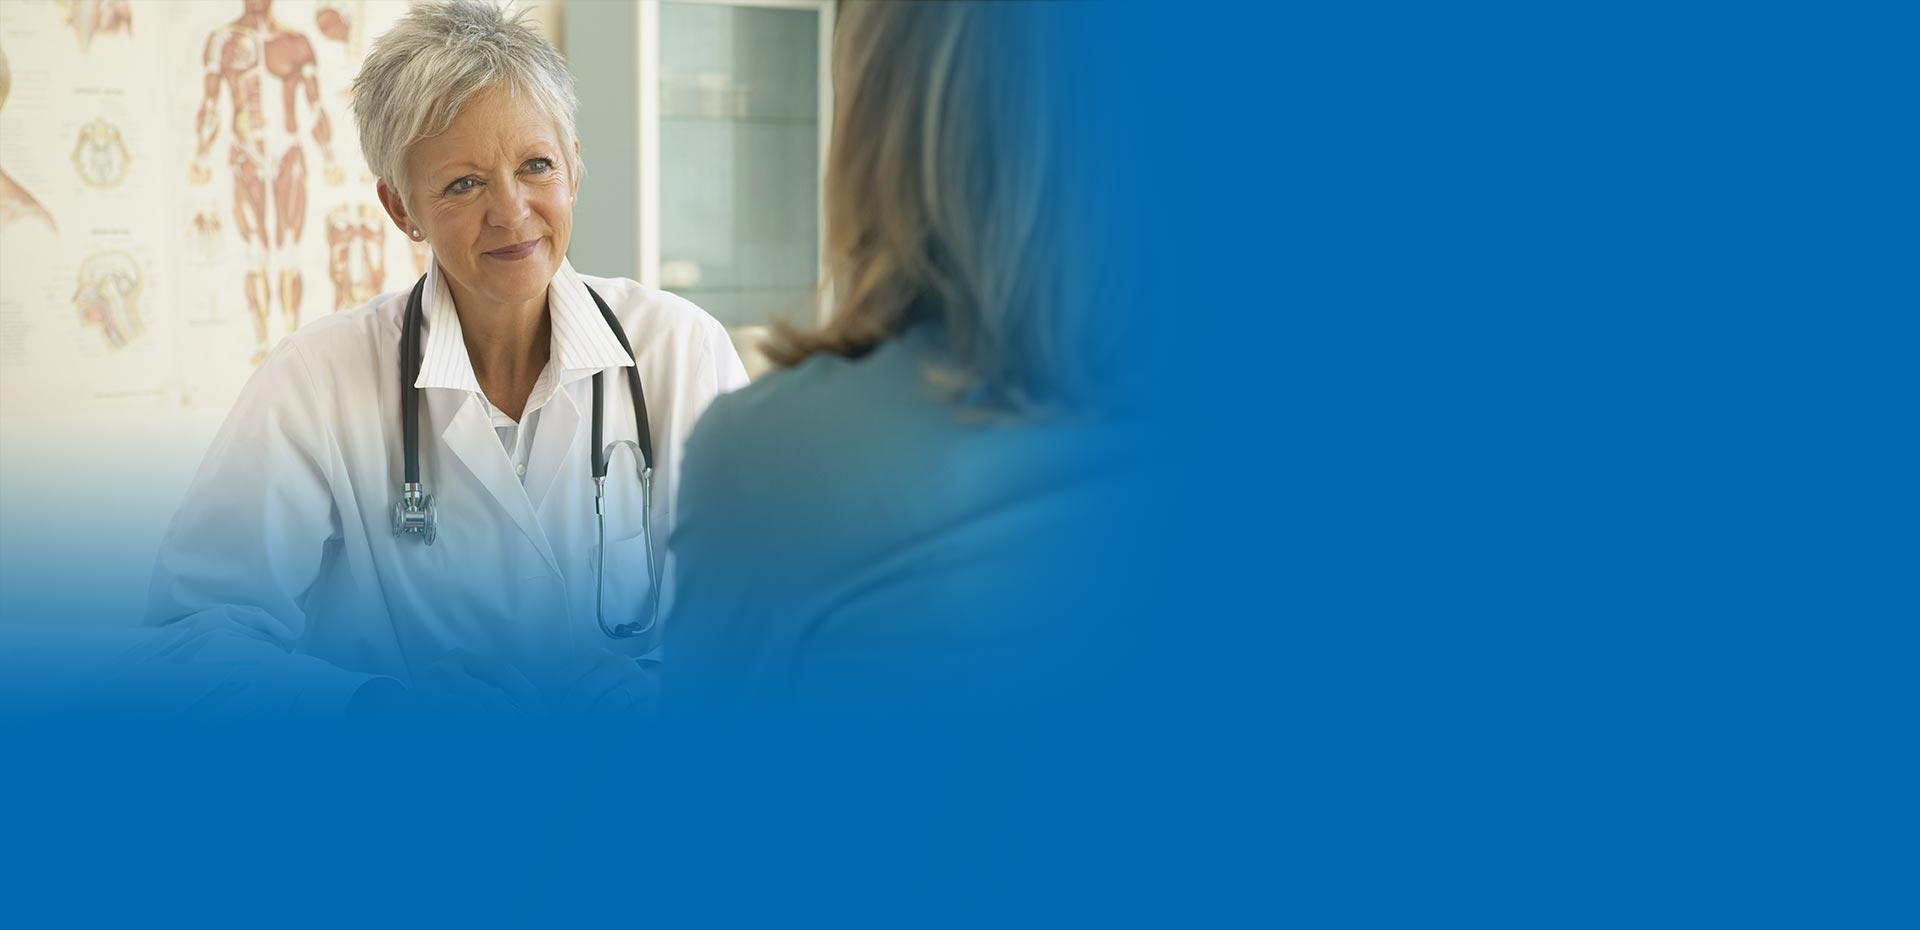 Freundliche Ärztin berät eine Patientin